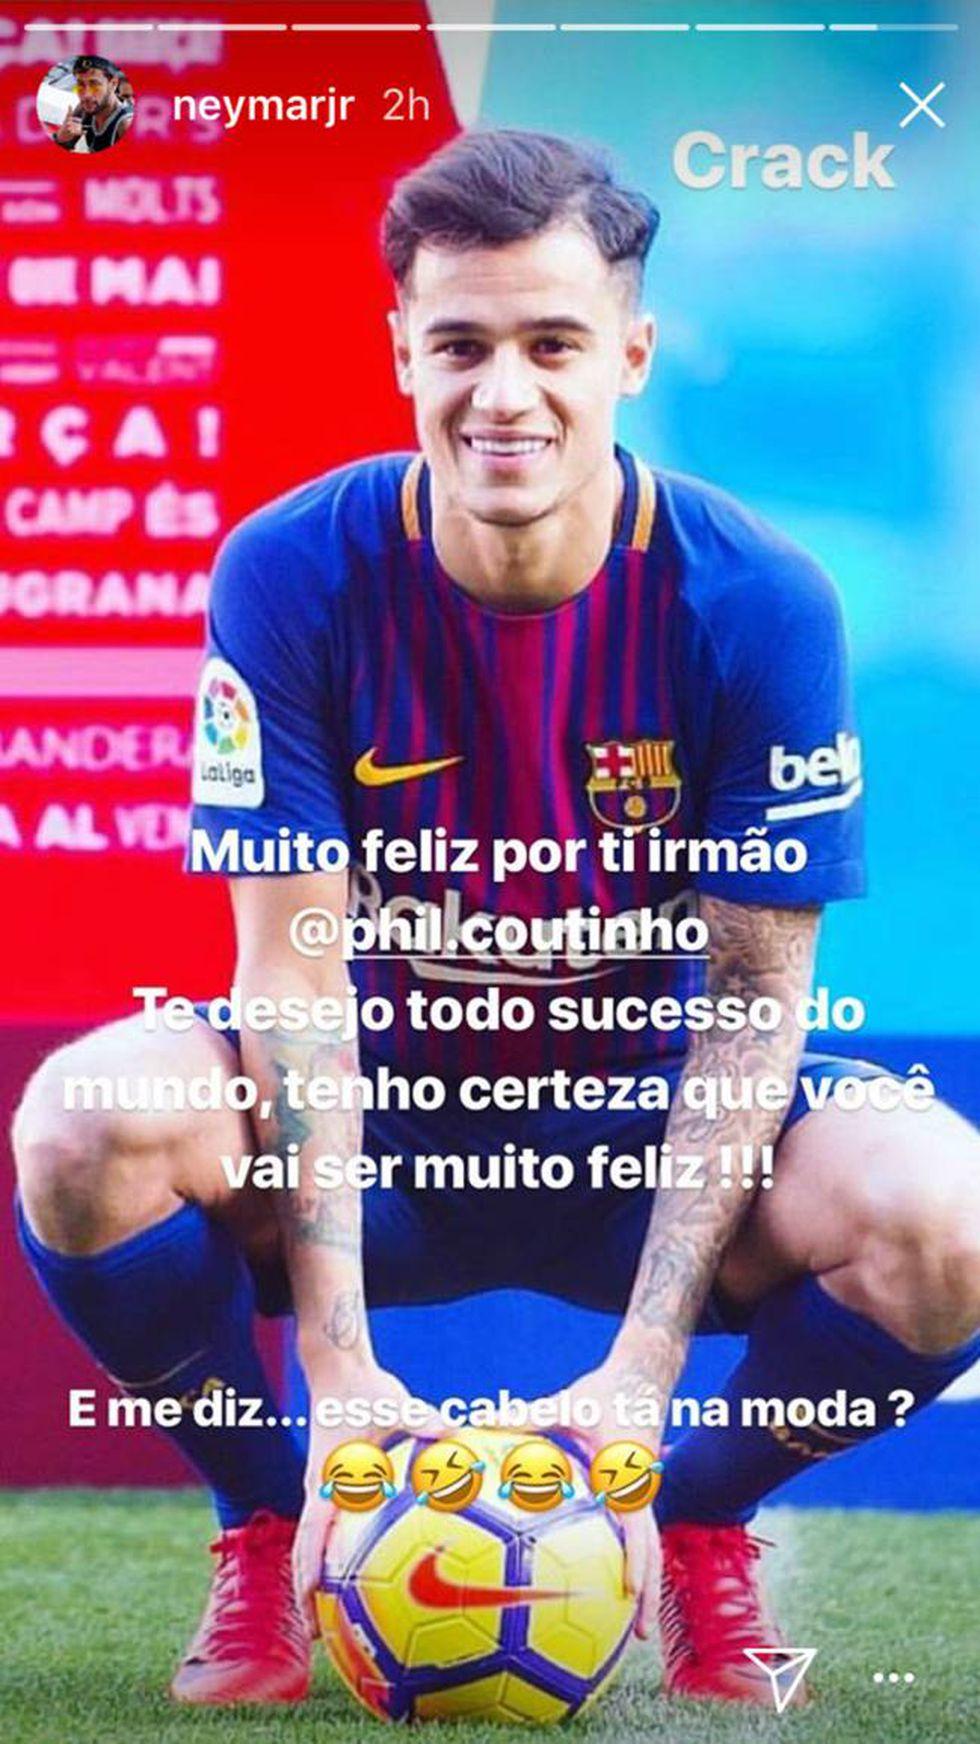 Neymar realiza dedicatoria a Coutinho y se burla de su corte de cabello en Instagram. (neymarjr)